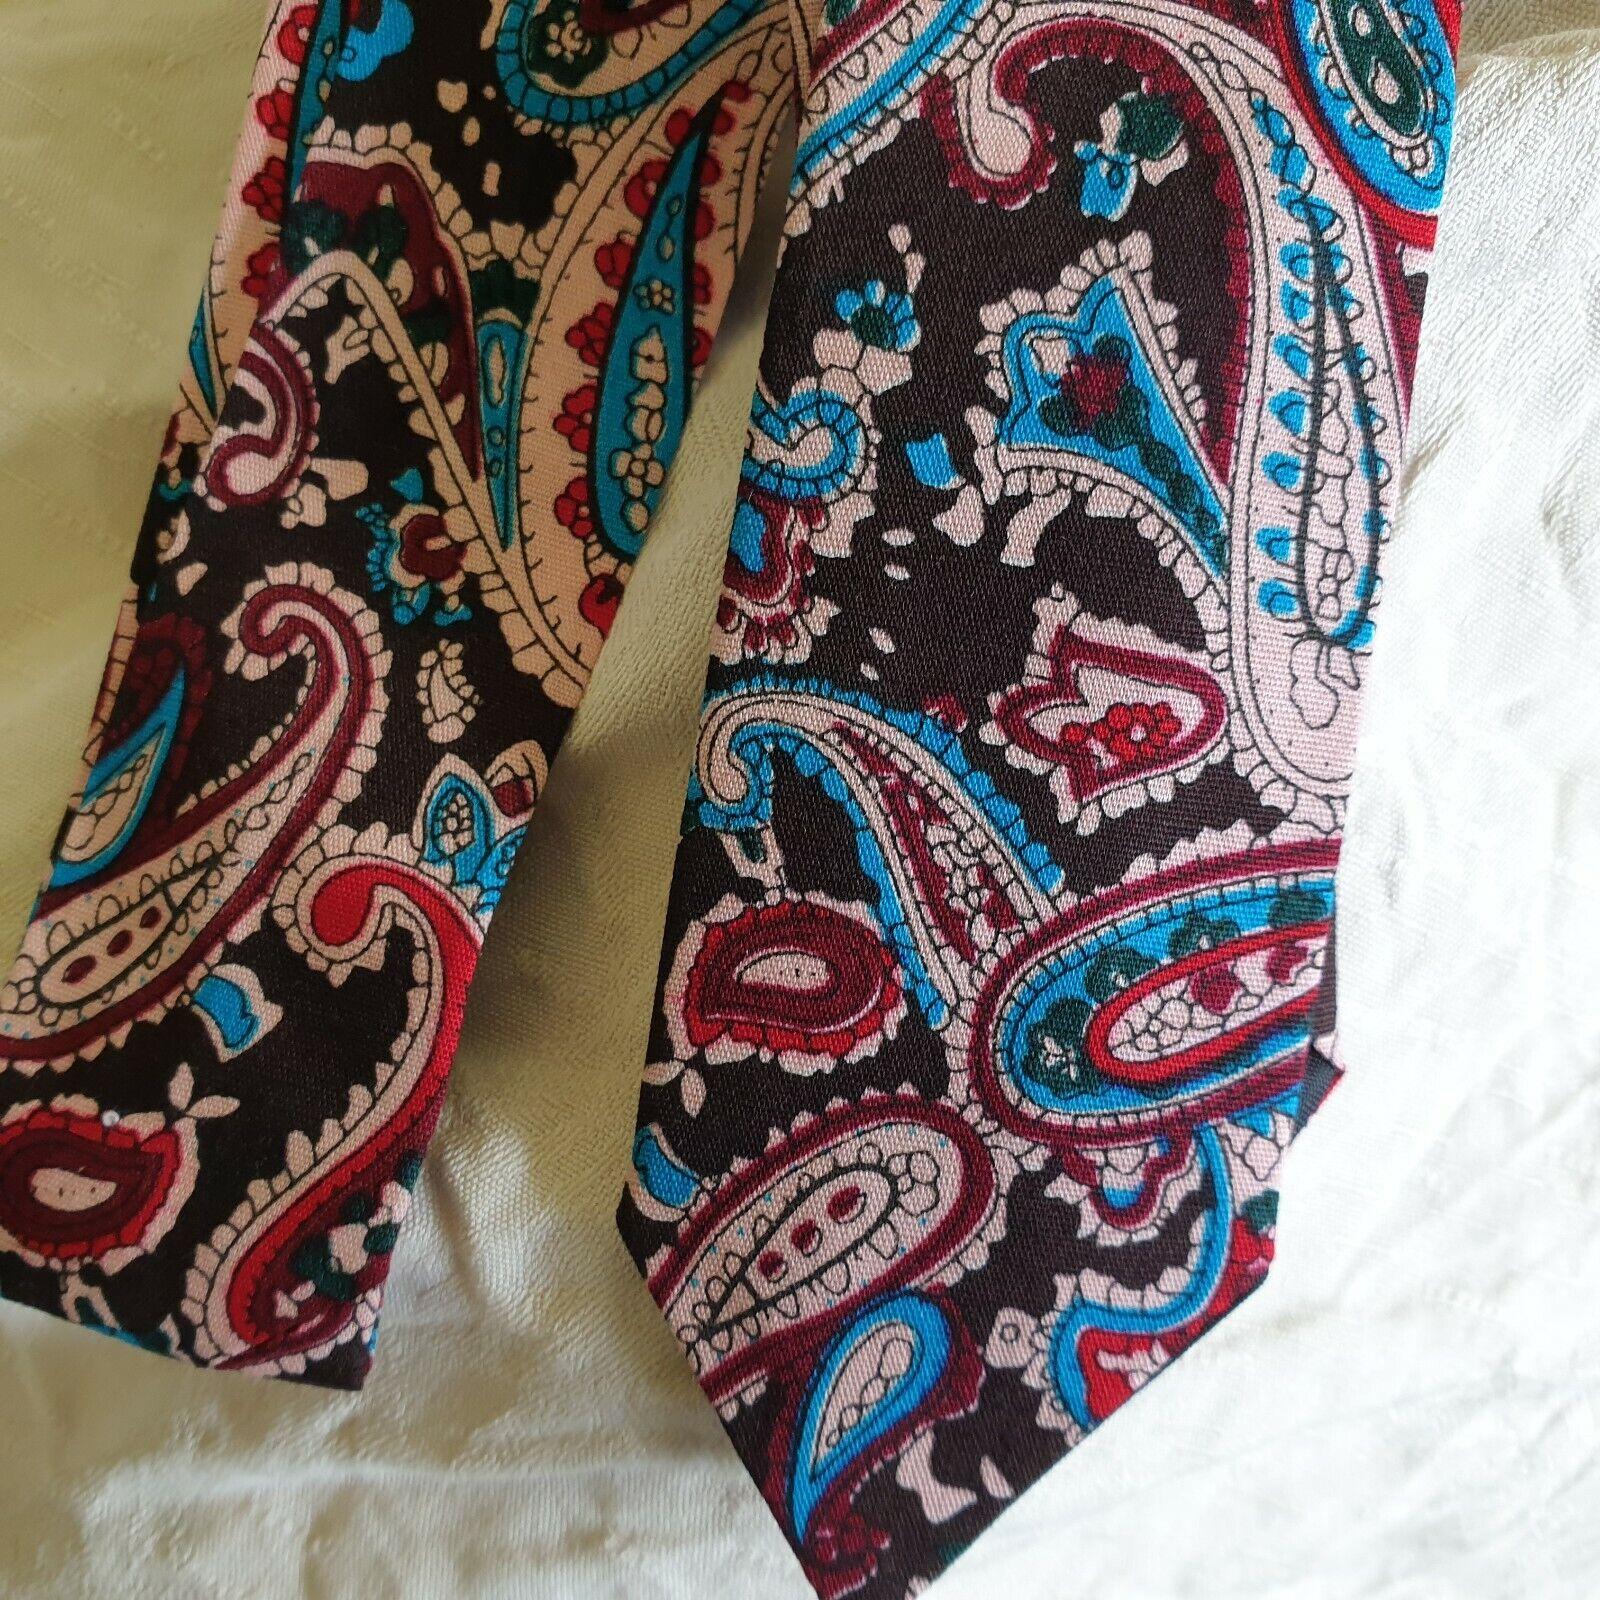 Unisex regenerado Vintage Inspirado Skinny Tie Asos Negro algodón Paisley Turquesa